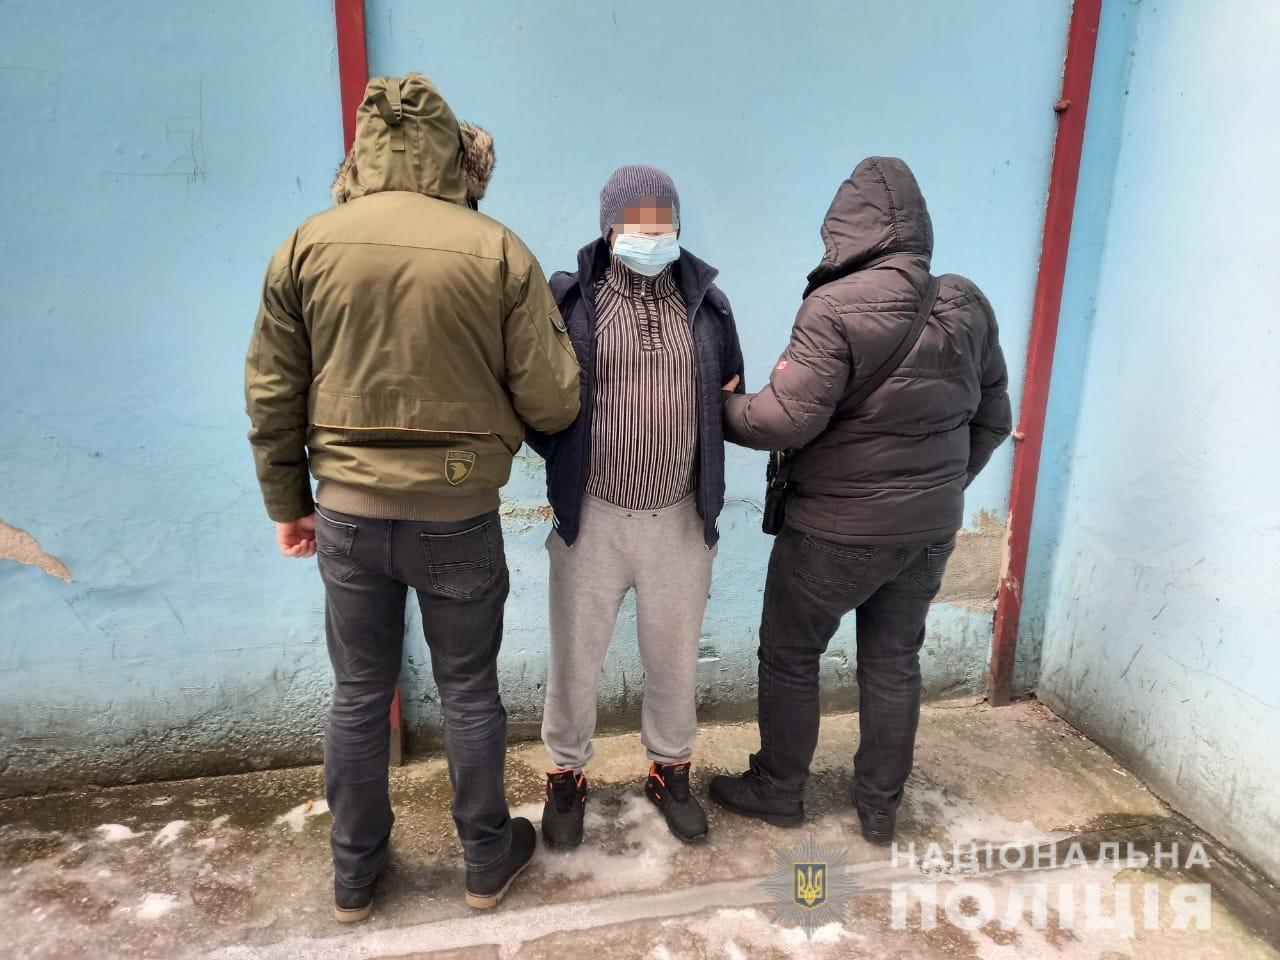 Співробітники сектору кримінальної поліції Тячівщини отримали оперативну інформацію, що на території Київської області може переховуватися закарпатець, який фігурує у двох кримінальних провадженнях.